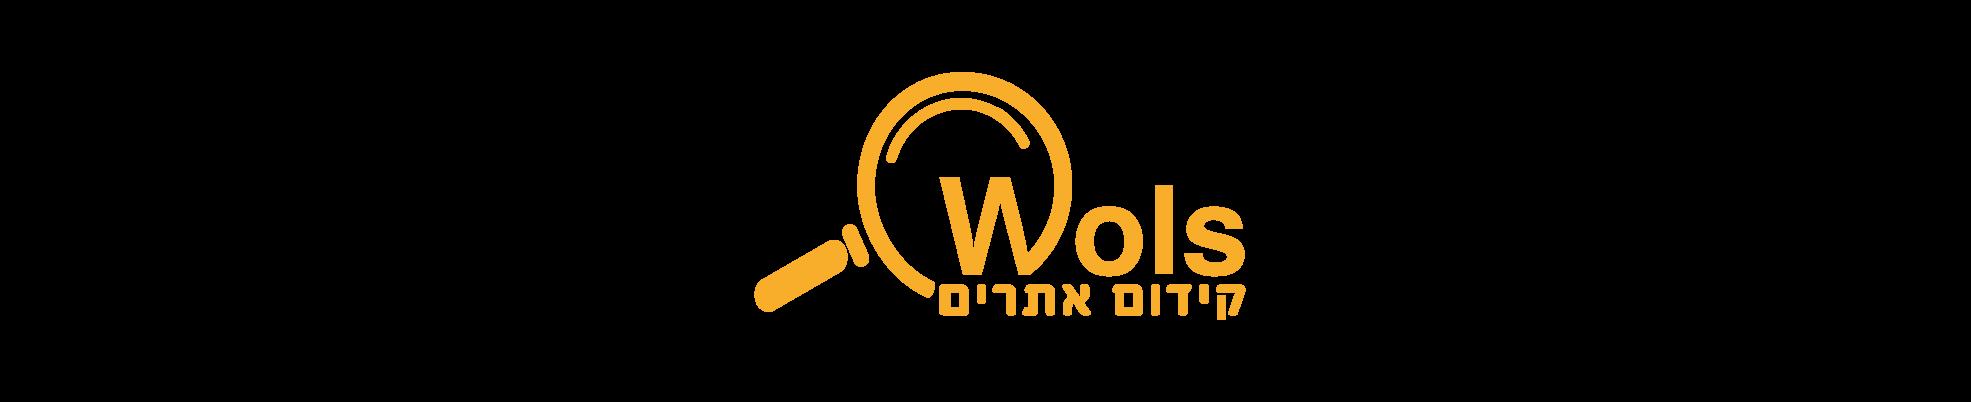 Wols logo